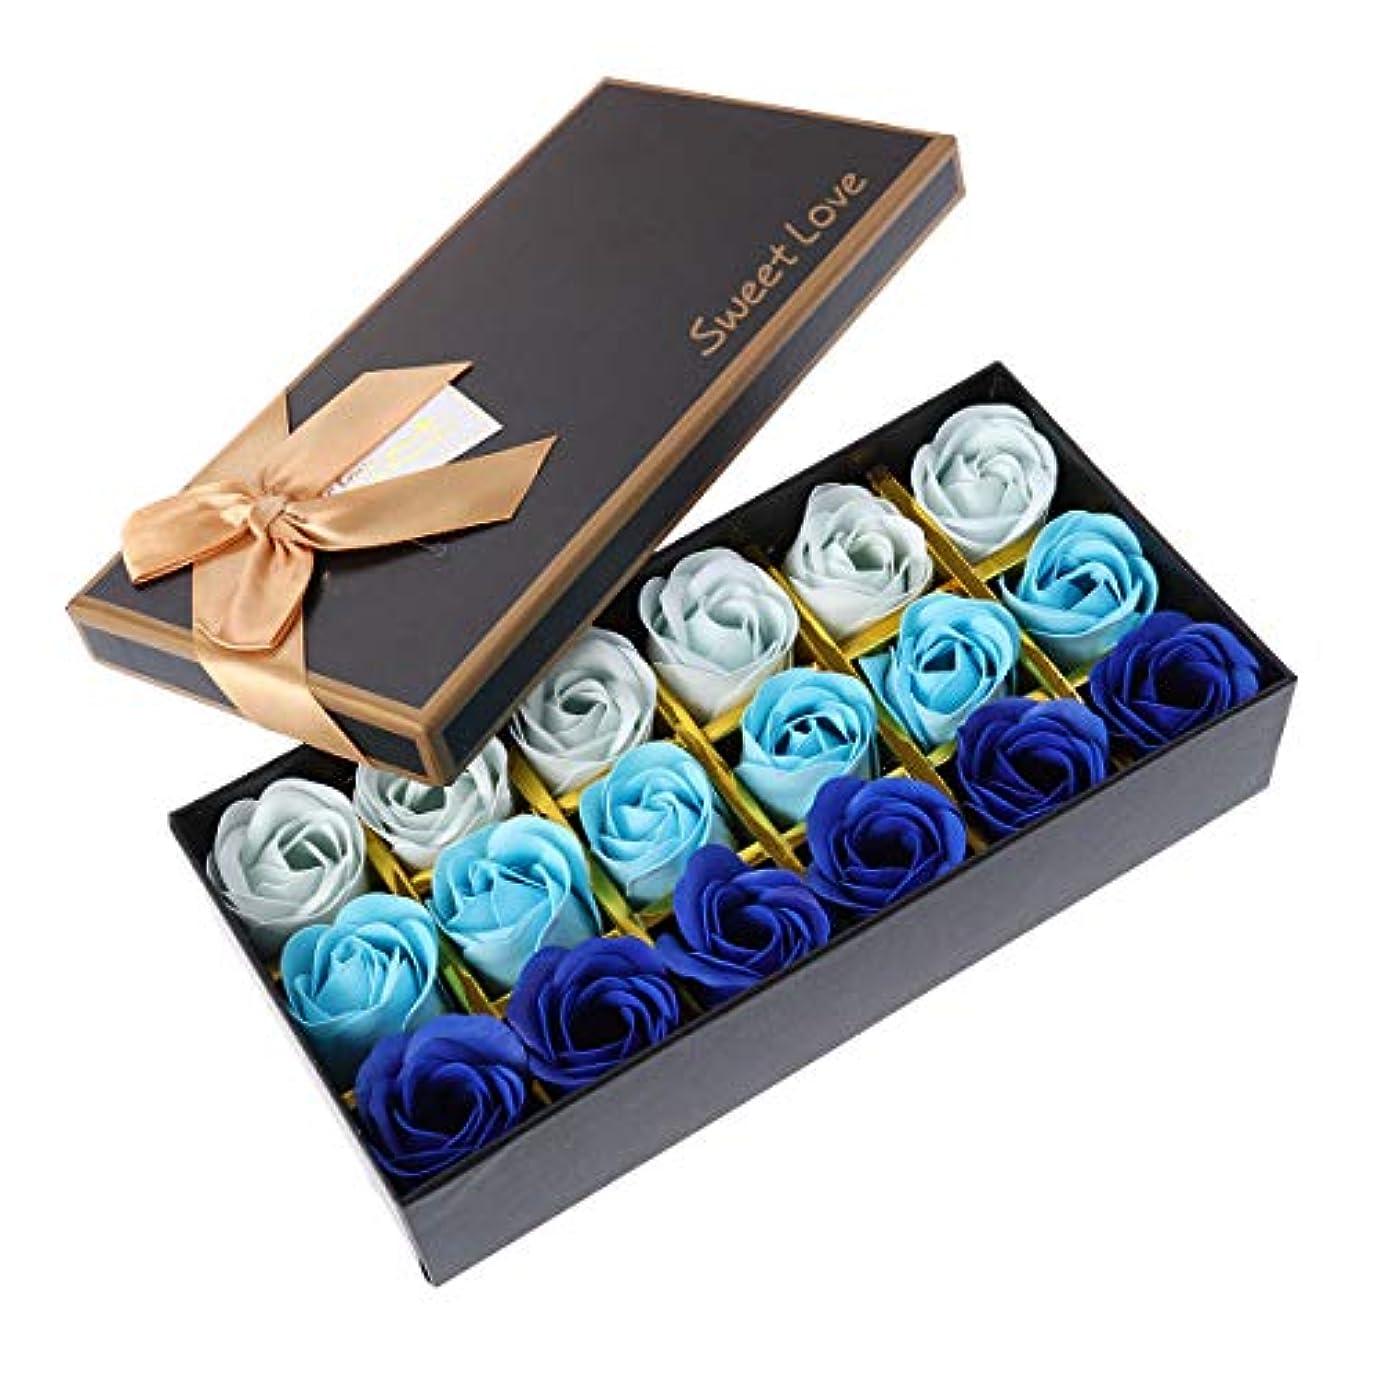 保護予測フロントBeaupretty バレンタインデーの結婚式の誕生日プレゼントのための小さなクマとバラの石鹸の花